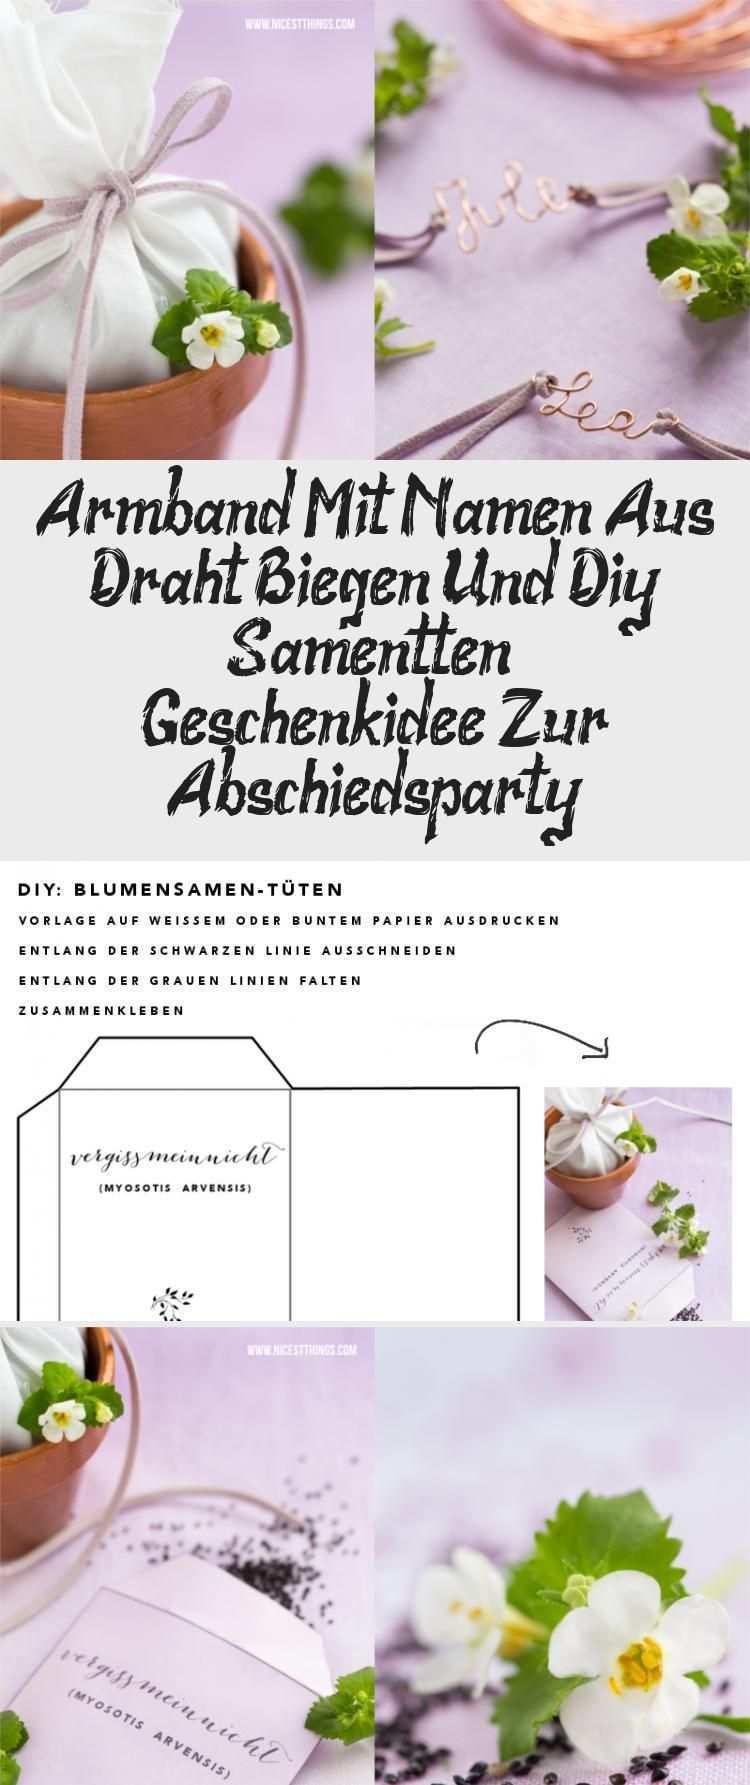 Armband Mit Namen Aus Draht Biegen Und Diy Samentuten Geschenkidee Zur Abschiedsparty In 2020